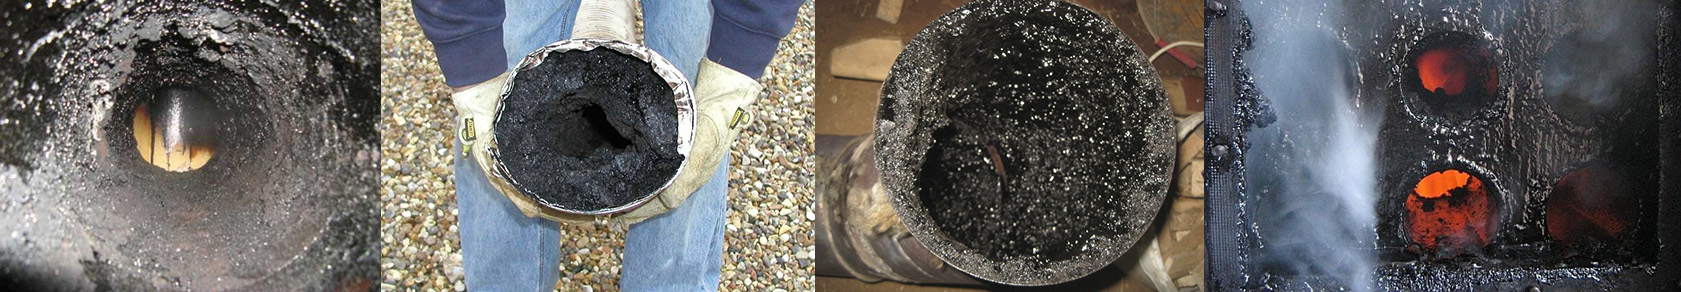 Результат не правильной работы отопительного прибора - большое количество налета сажи.